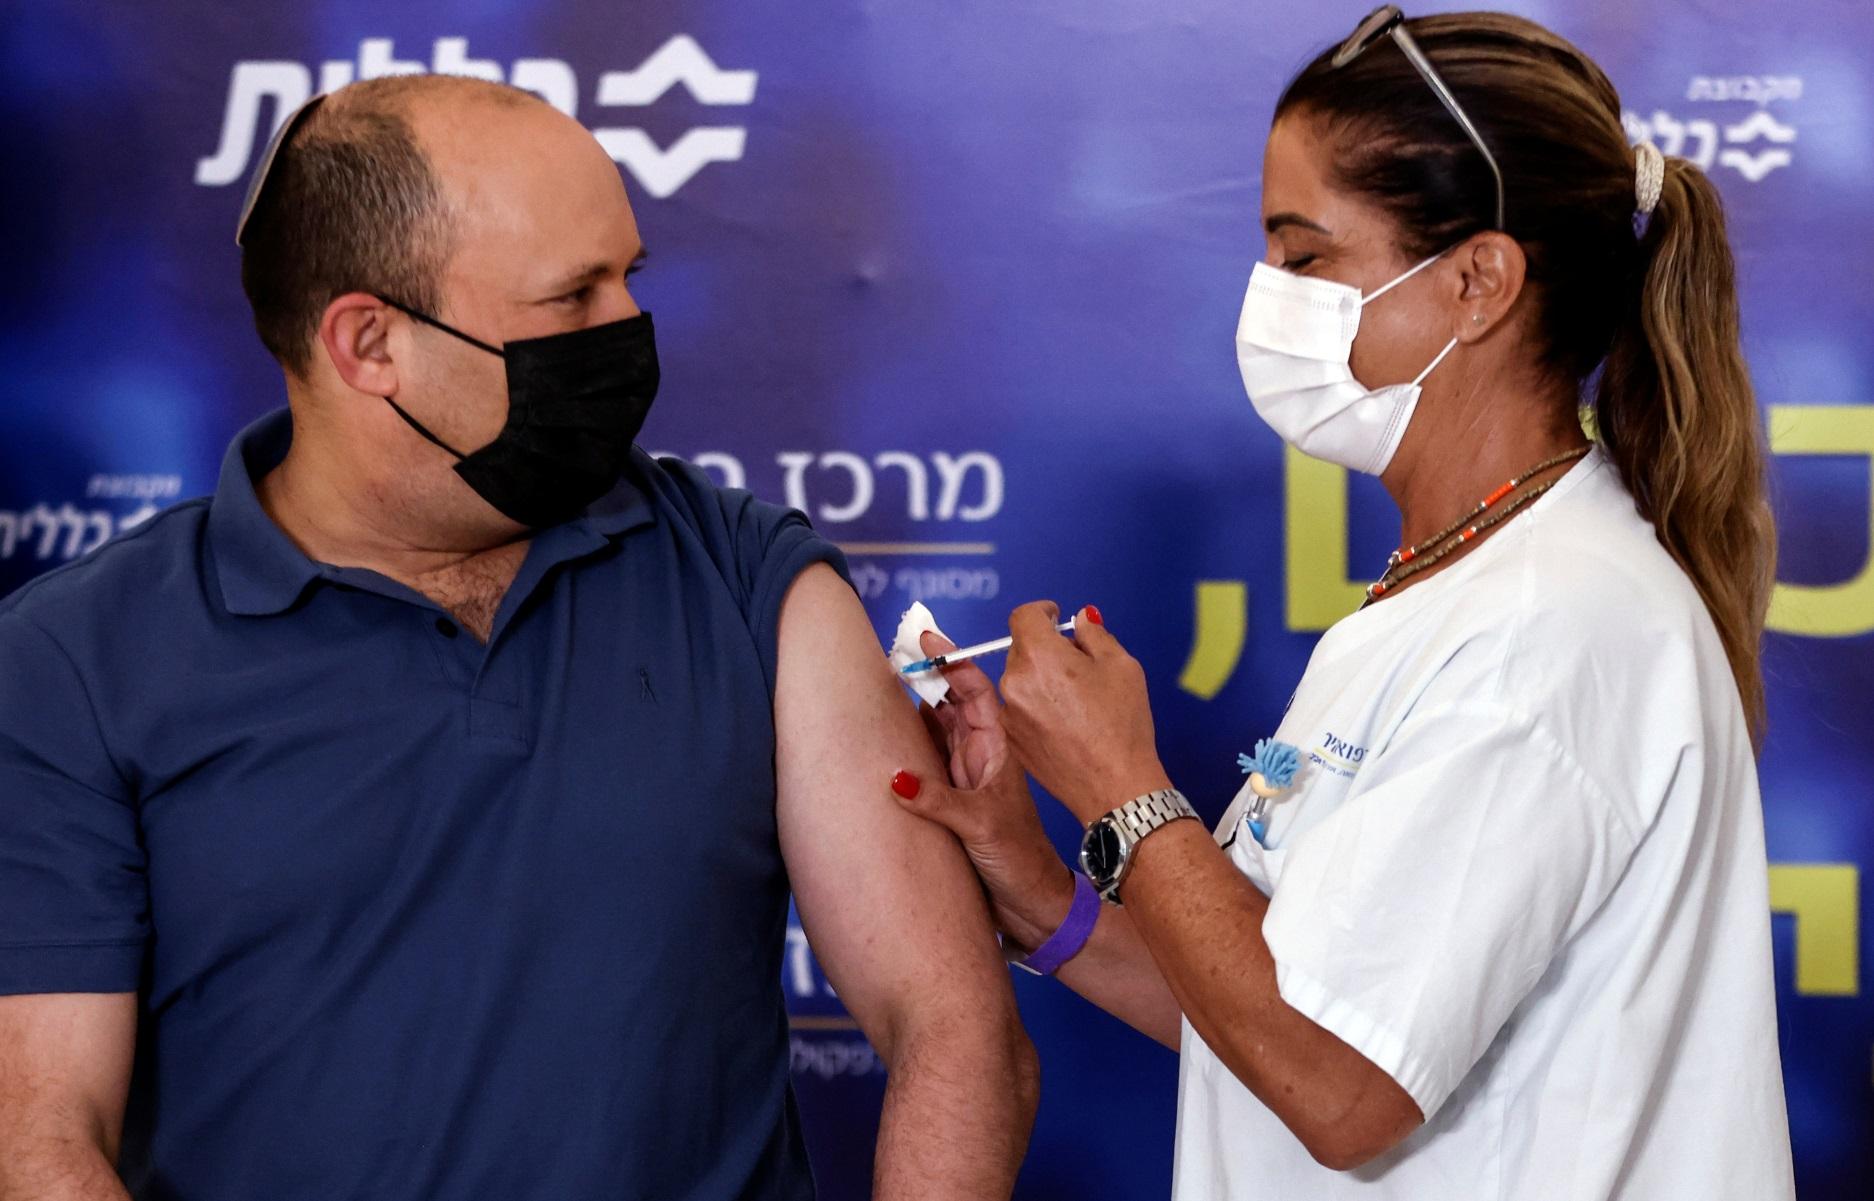 Κορονοϊός – Ισραήλ: 3η  δόση εμβολίου έκανε ο πρωθυπουργός Ναφτάλι Μπένετ